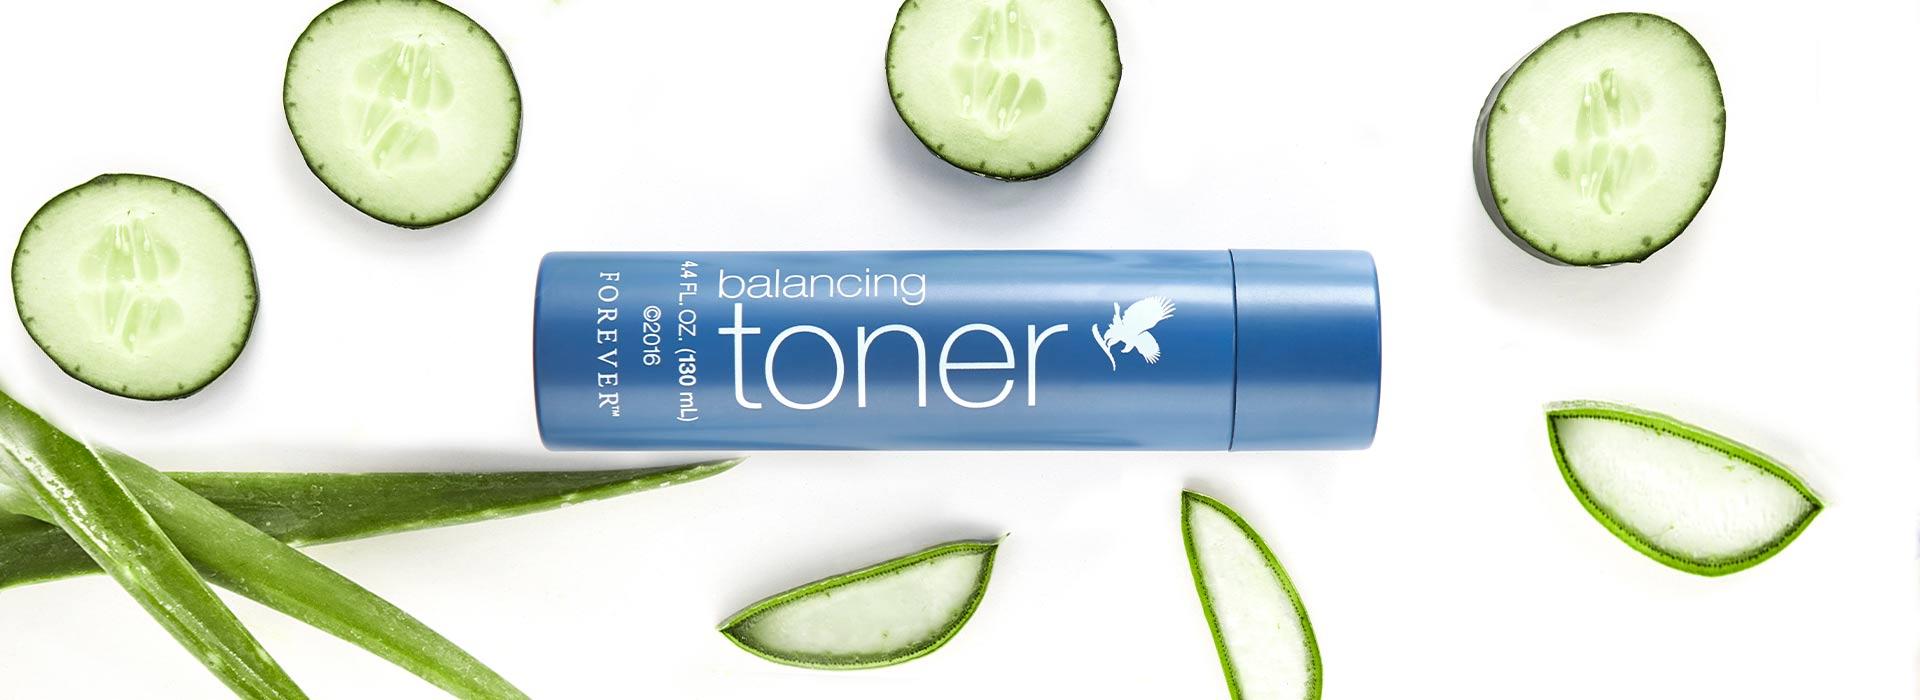 Der BALANCING TONER unterstützt die natürliche pH-Balance der Haut.